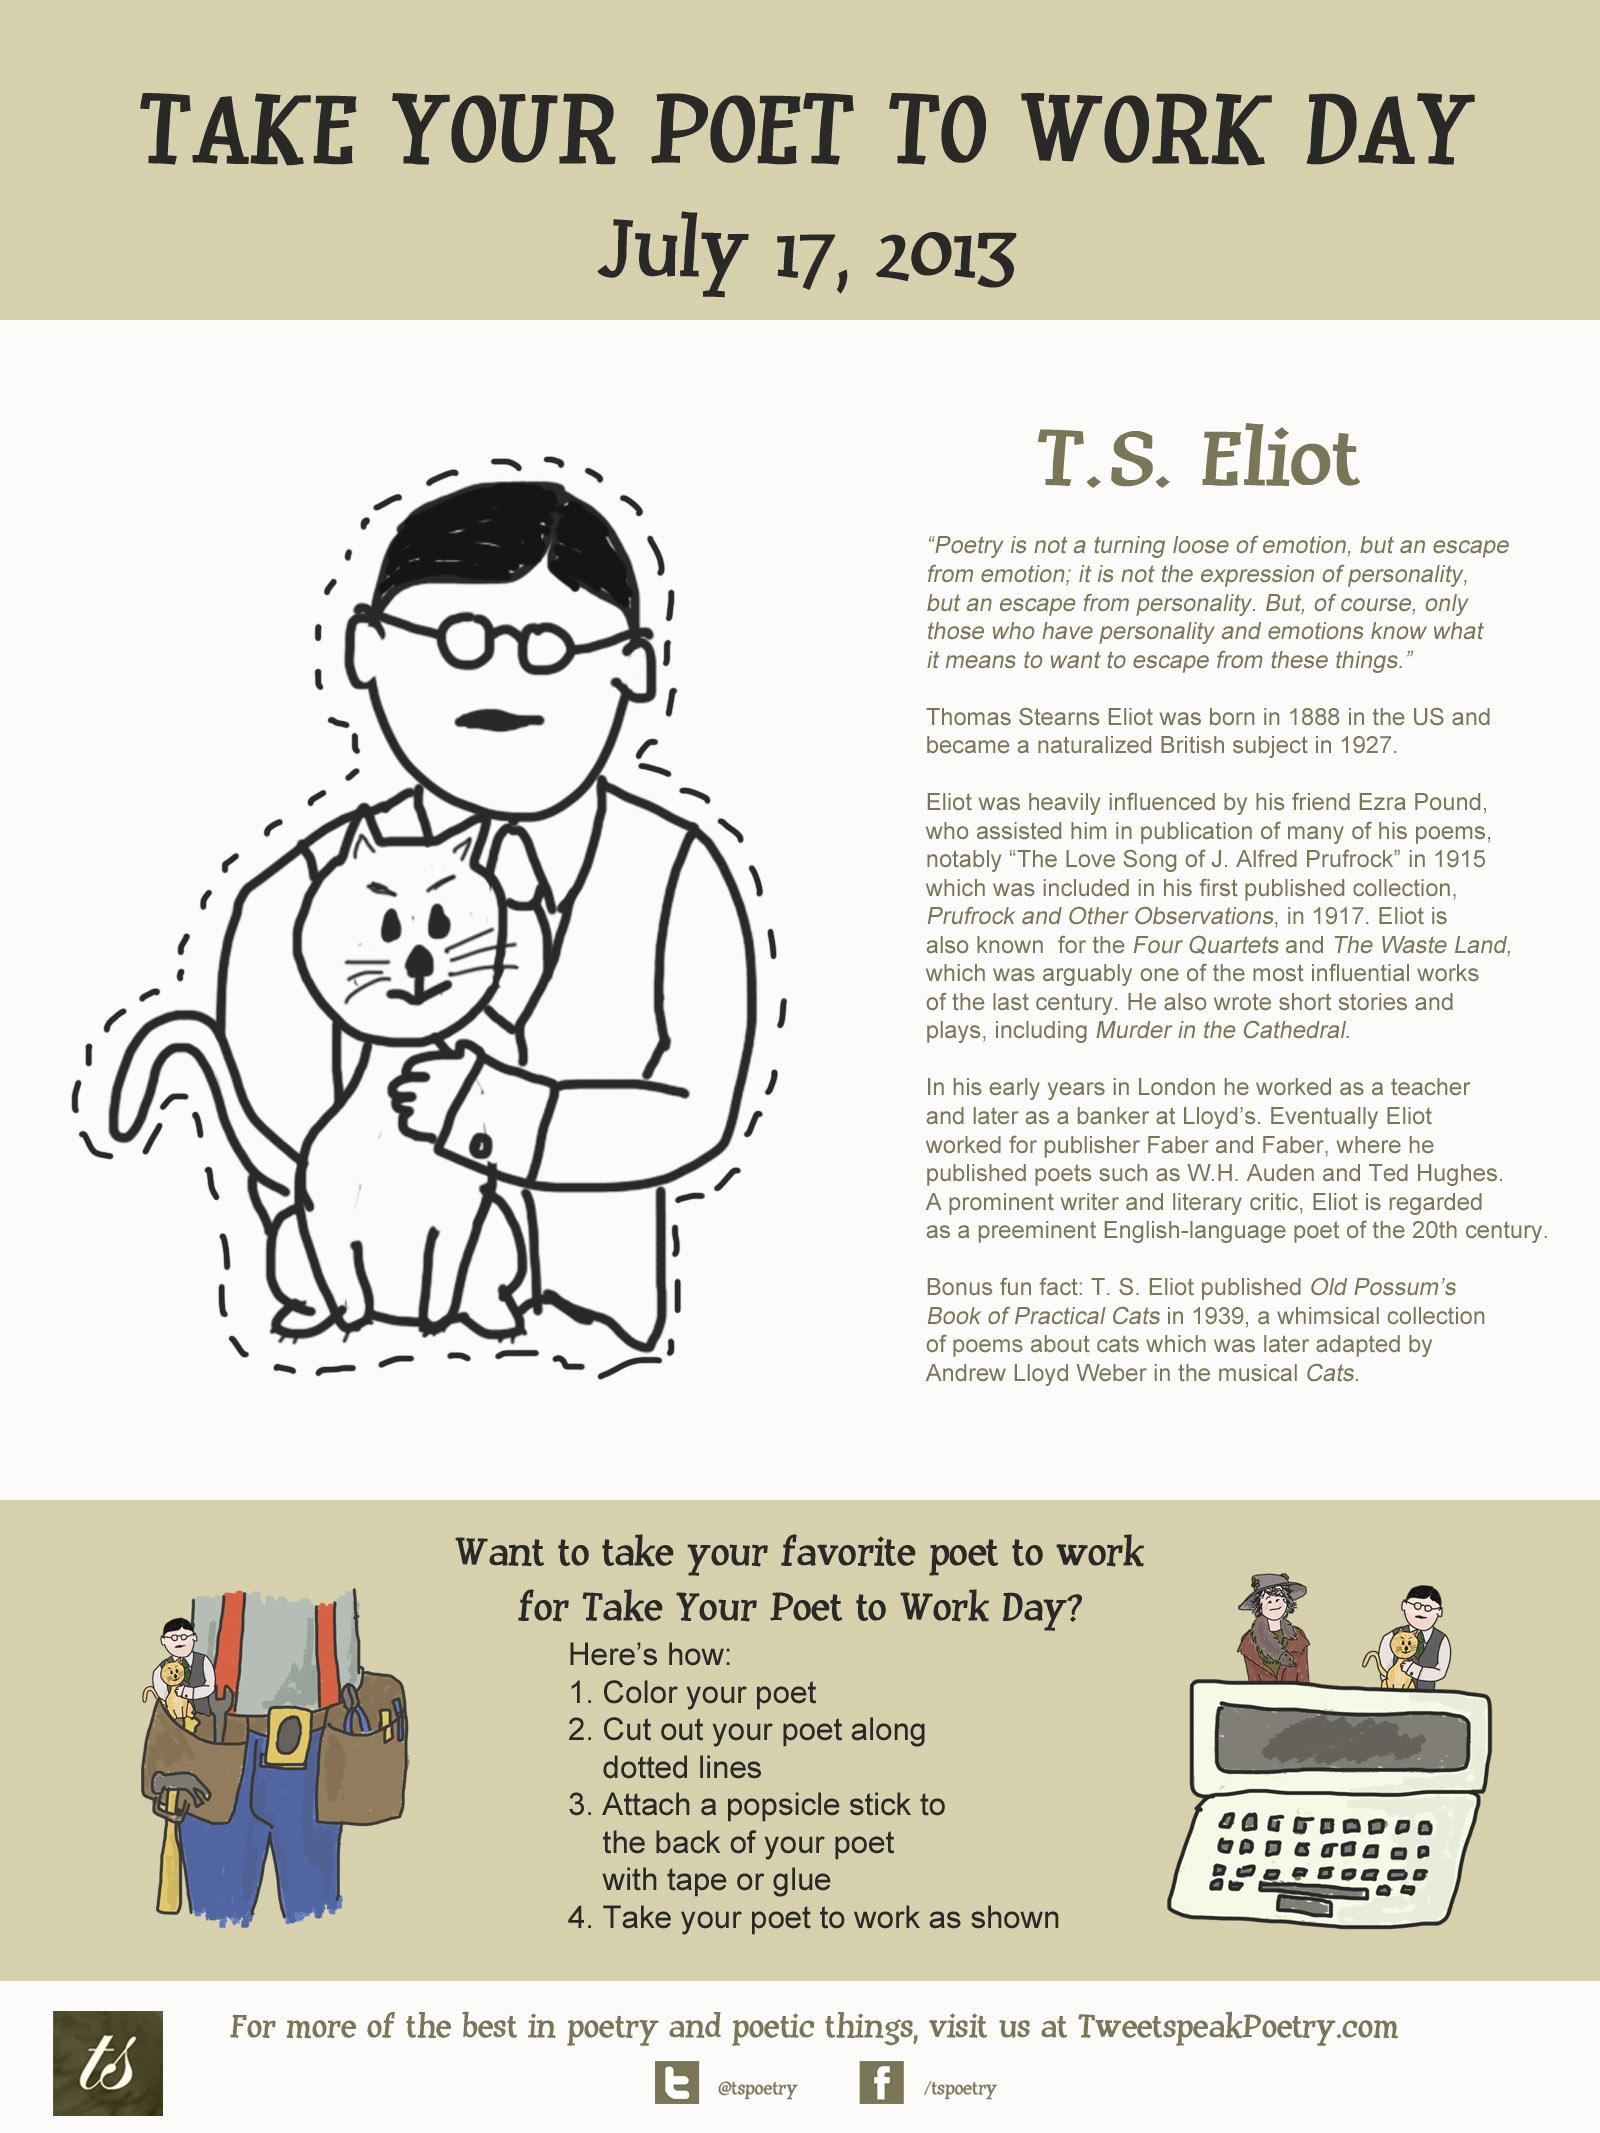 Funny Poems About Work : funny, poems, about, Work:, Eliot, Tweetspeak, Poetry